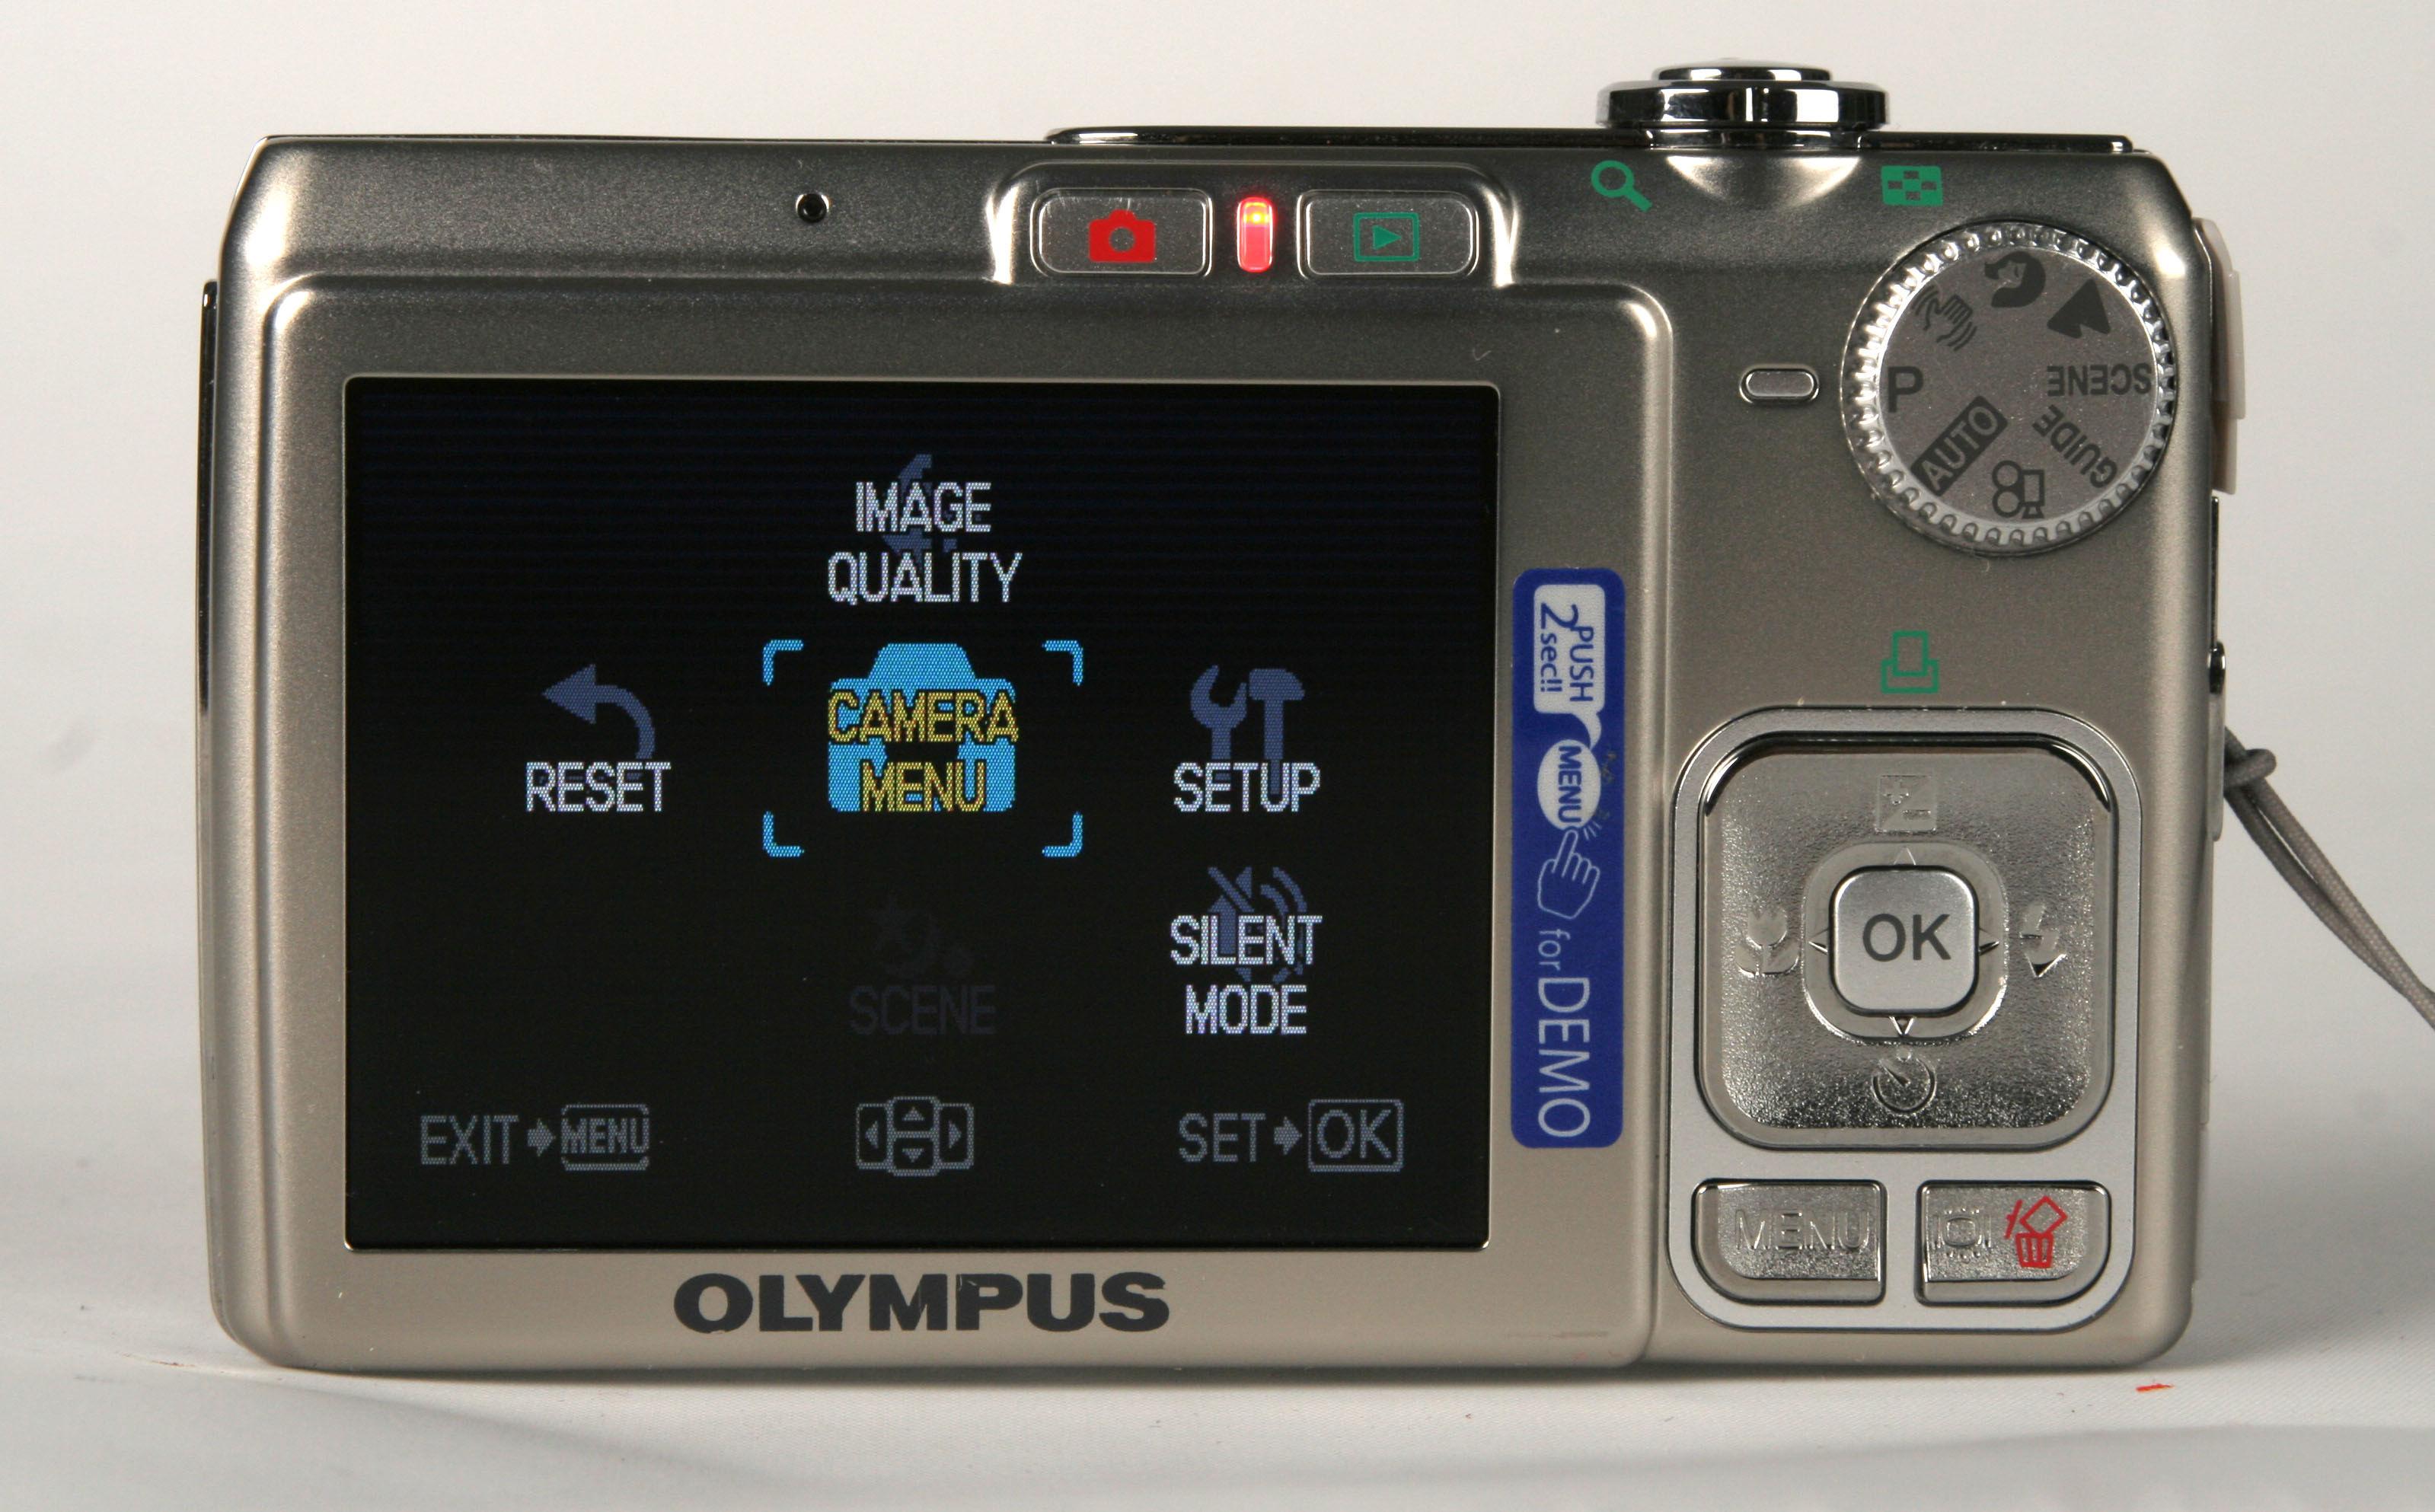 olympus fe 280 digital camera review rh ephotozine com Olympus Fe 270 Olympus Fe 210